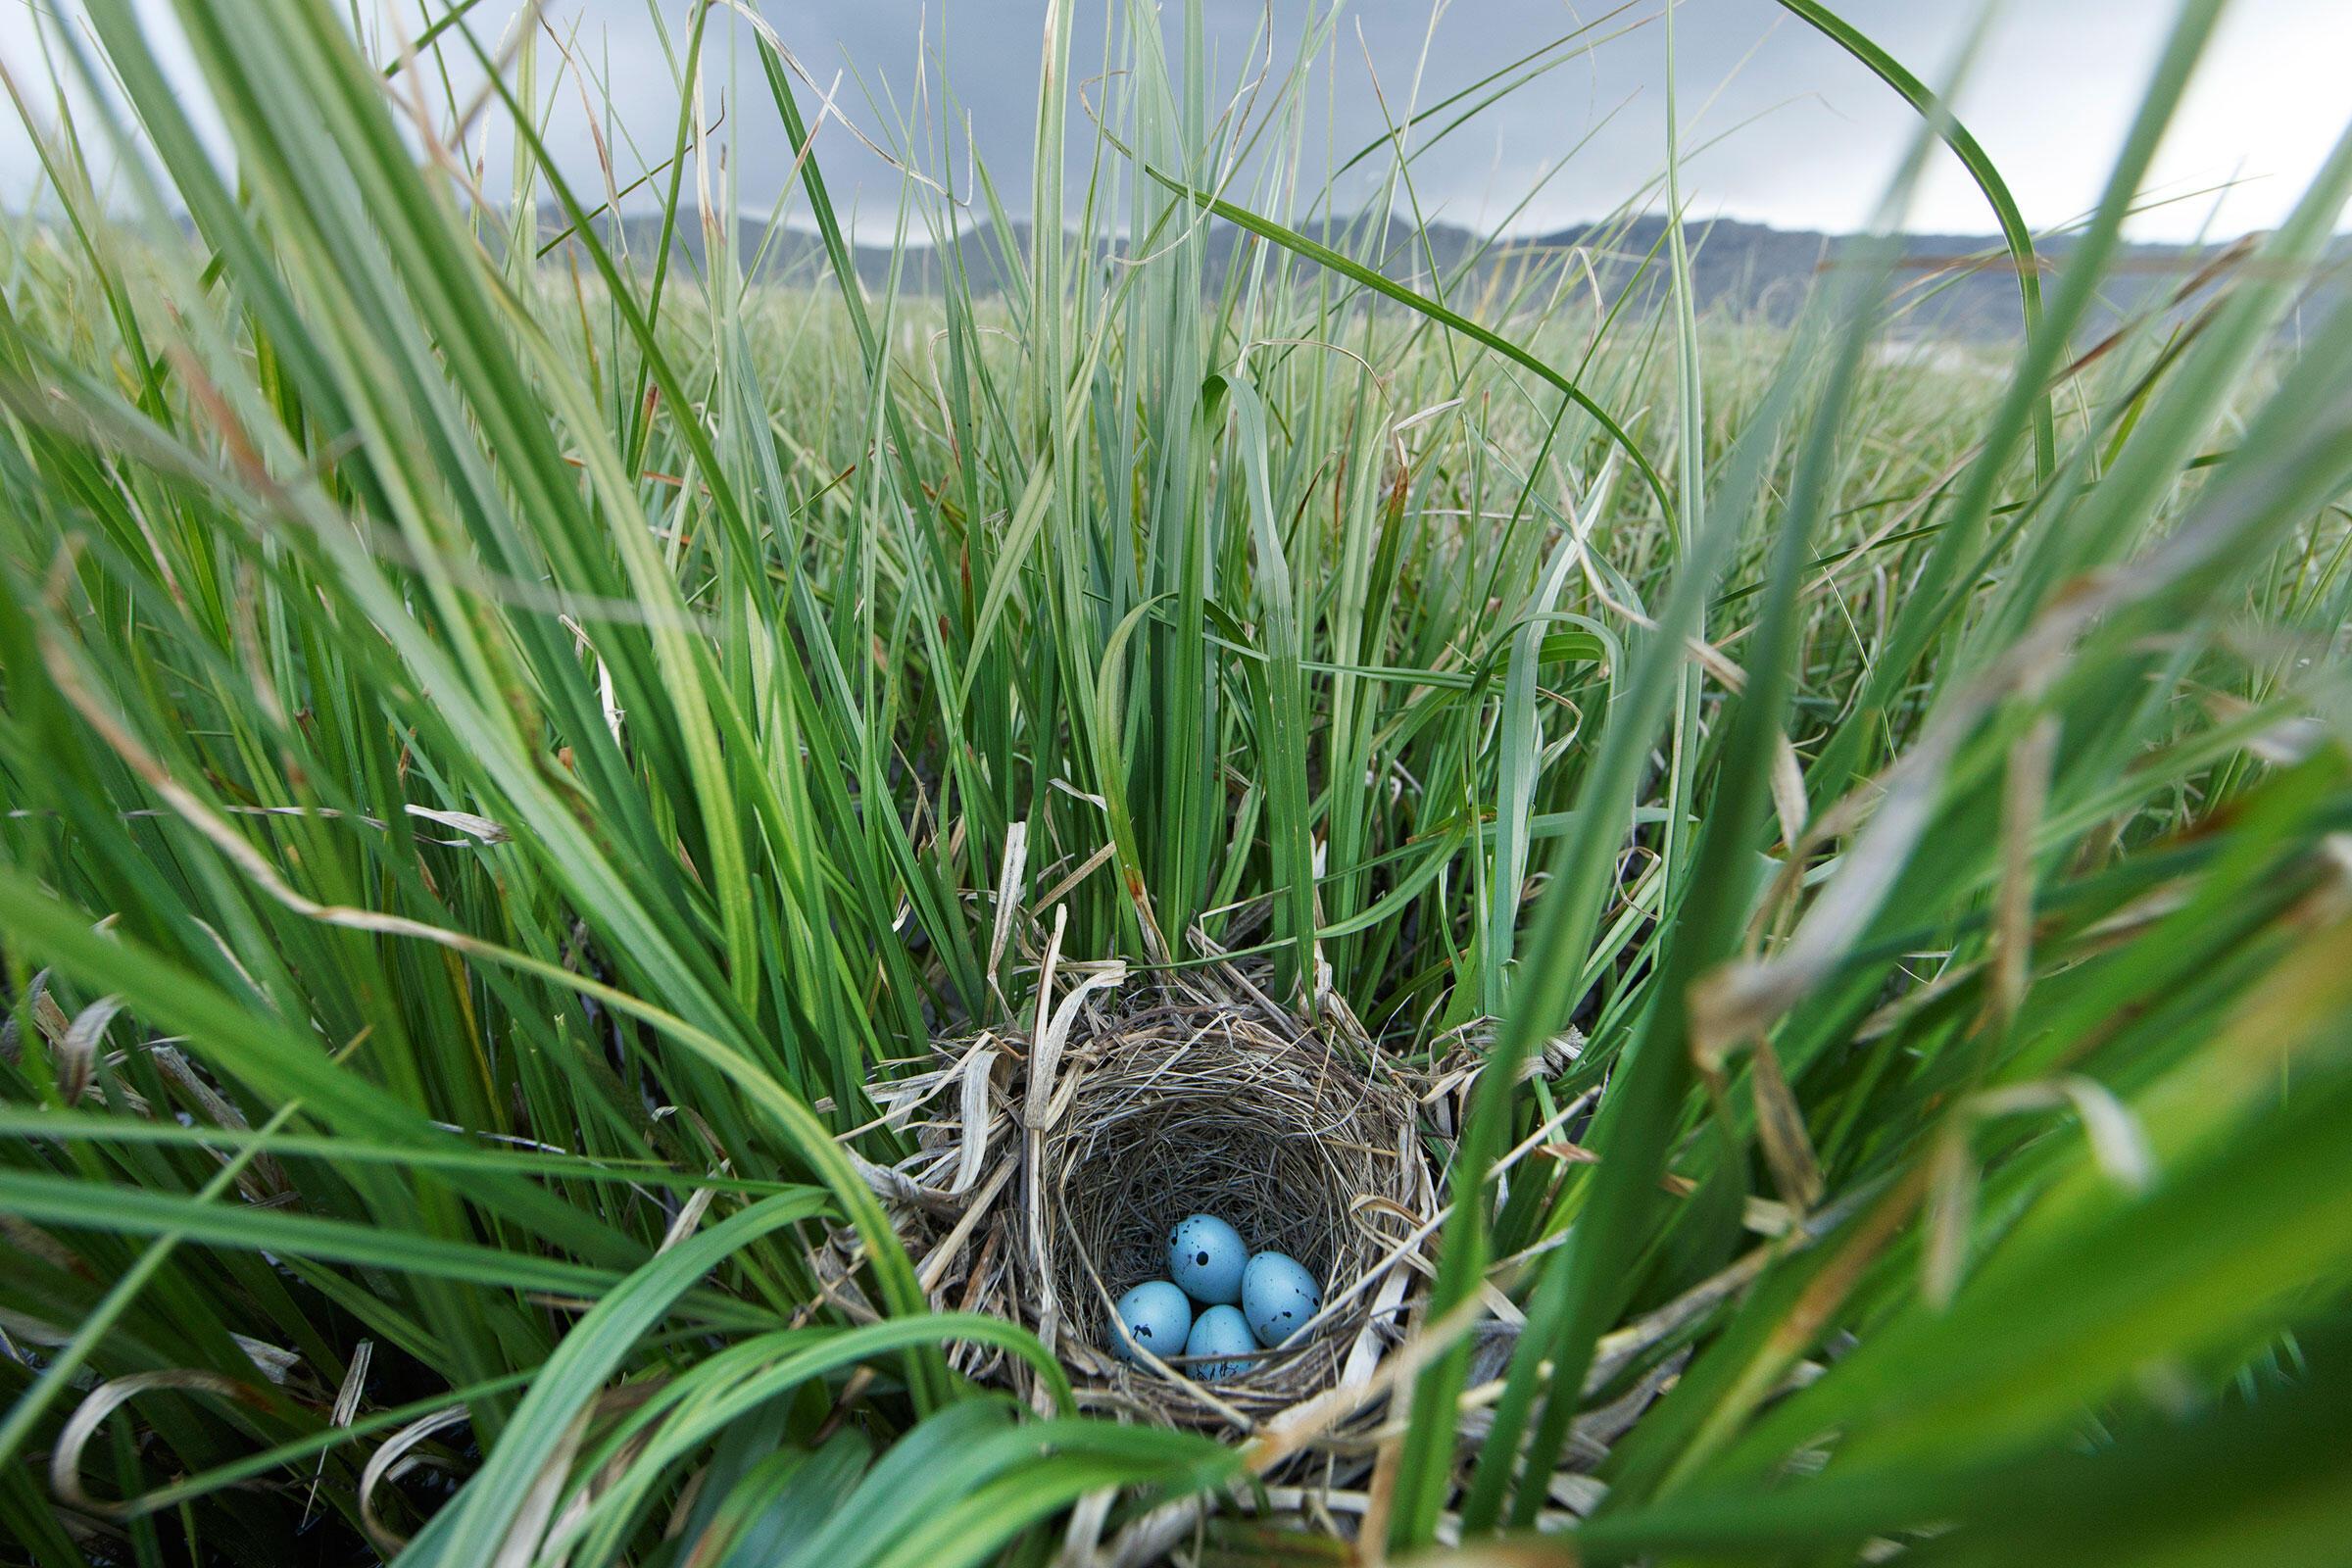 Red-winged Blackbird eggs. Gerrit Vyn